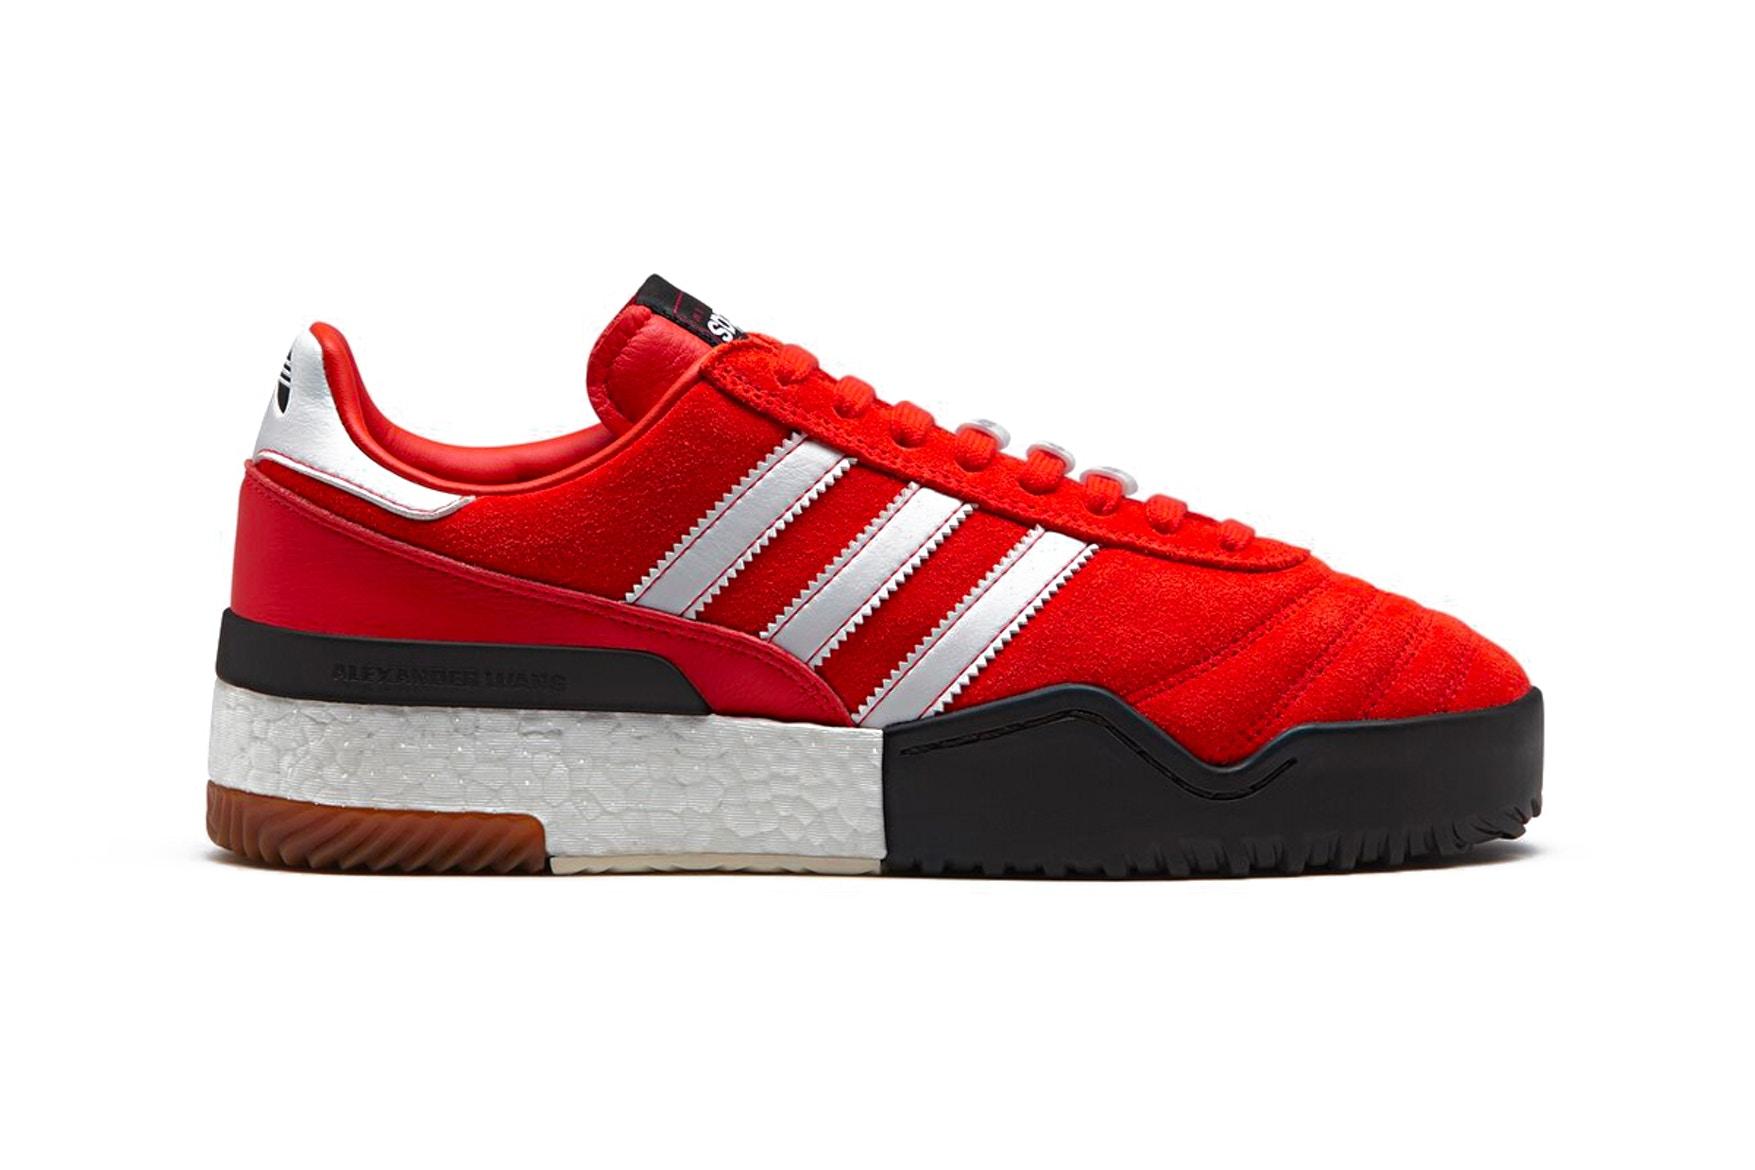 alexander-wang-adidas-originals-bball-soccer-release-date-003